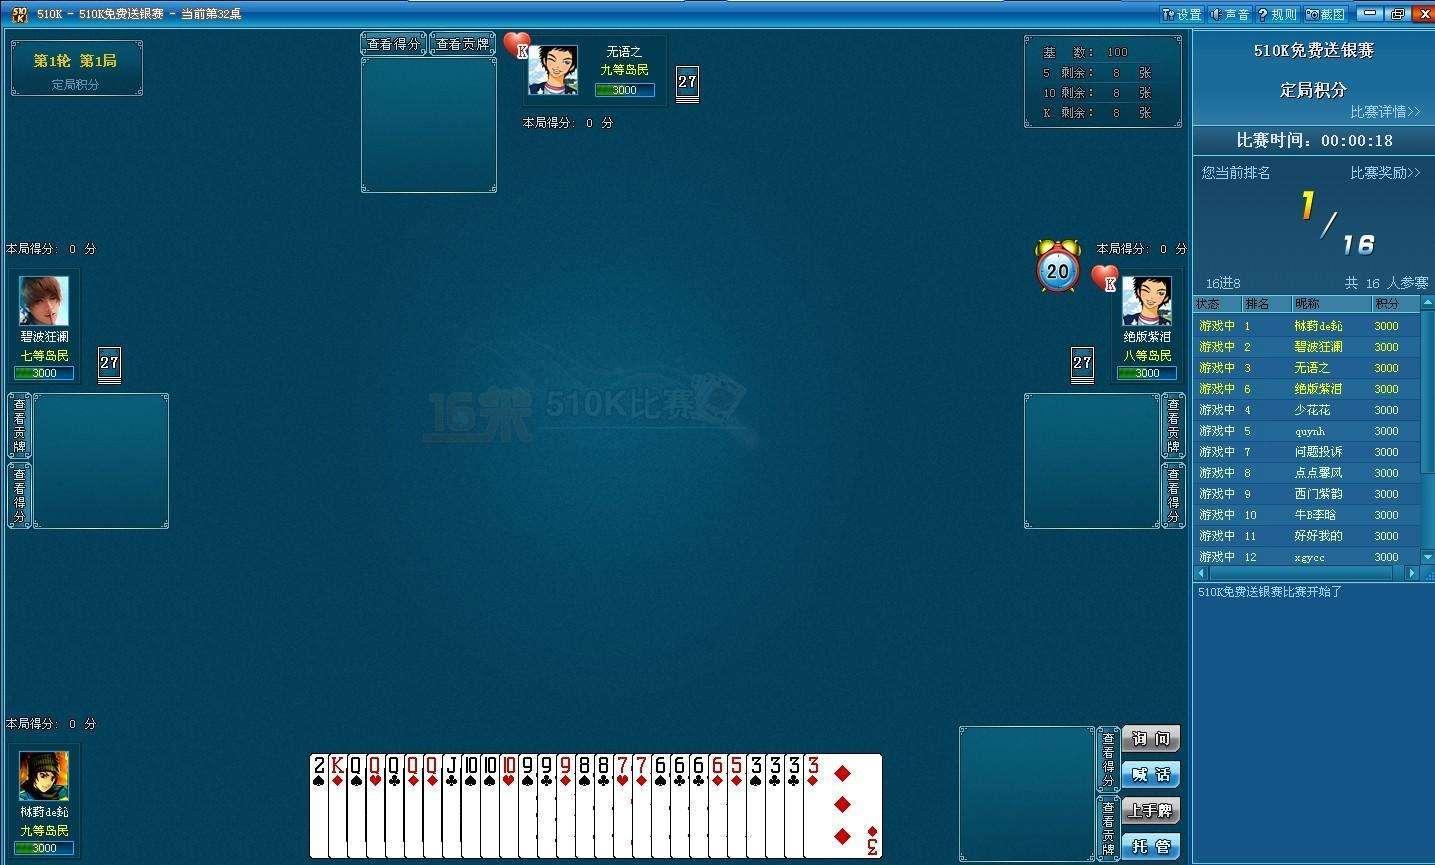 510k棋牌游戏平台